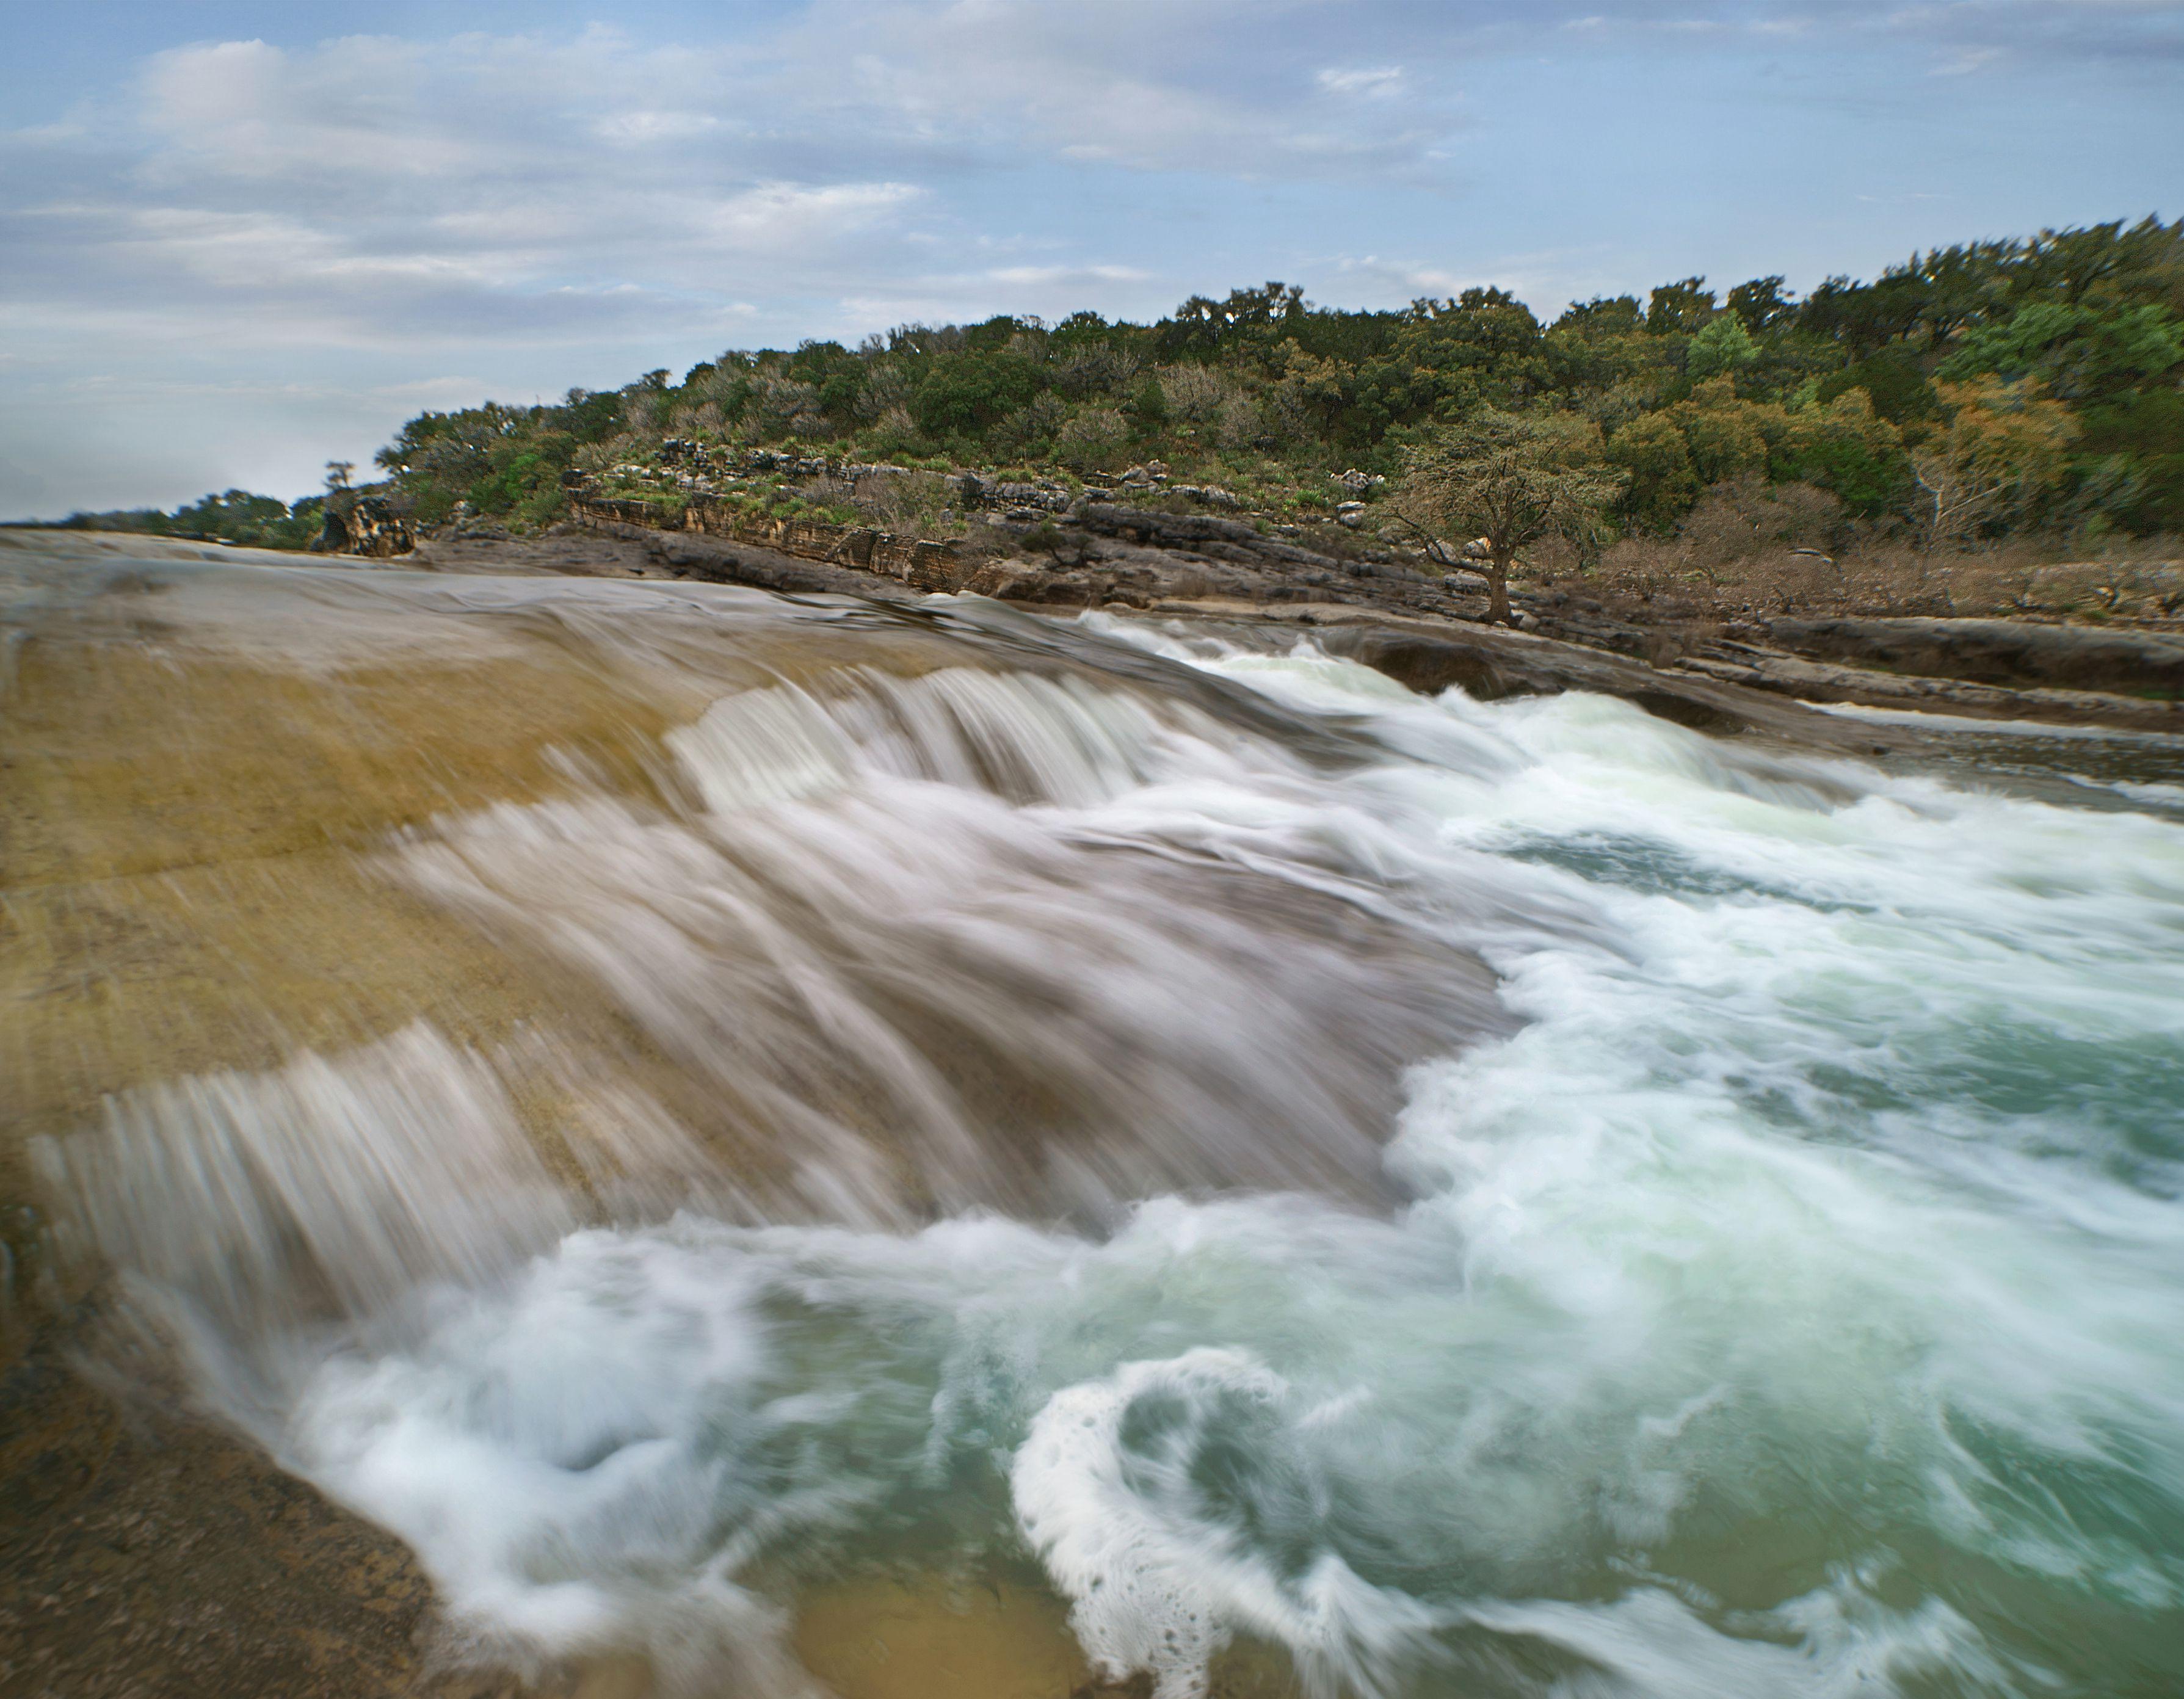 Pedernales Falls, Pedernales Falls State Park, Texas, EE. UU.